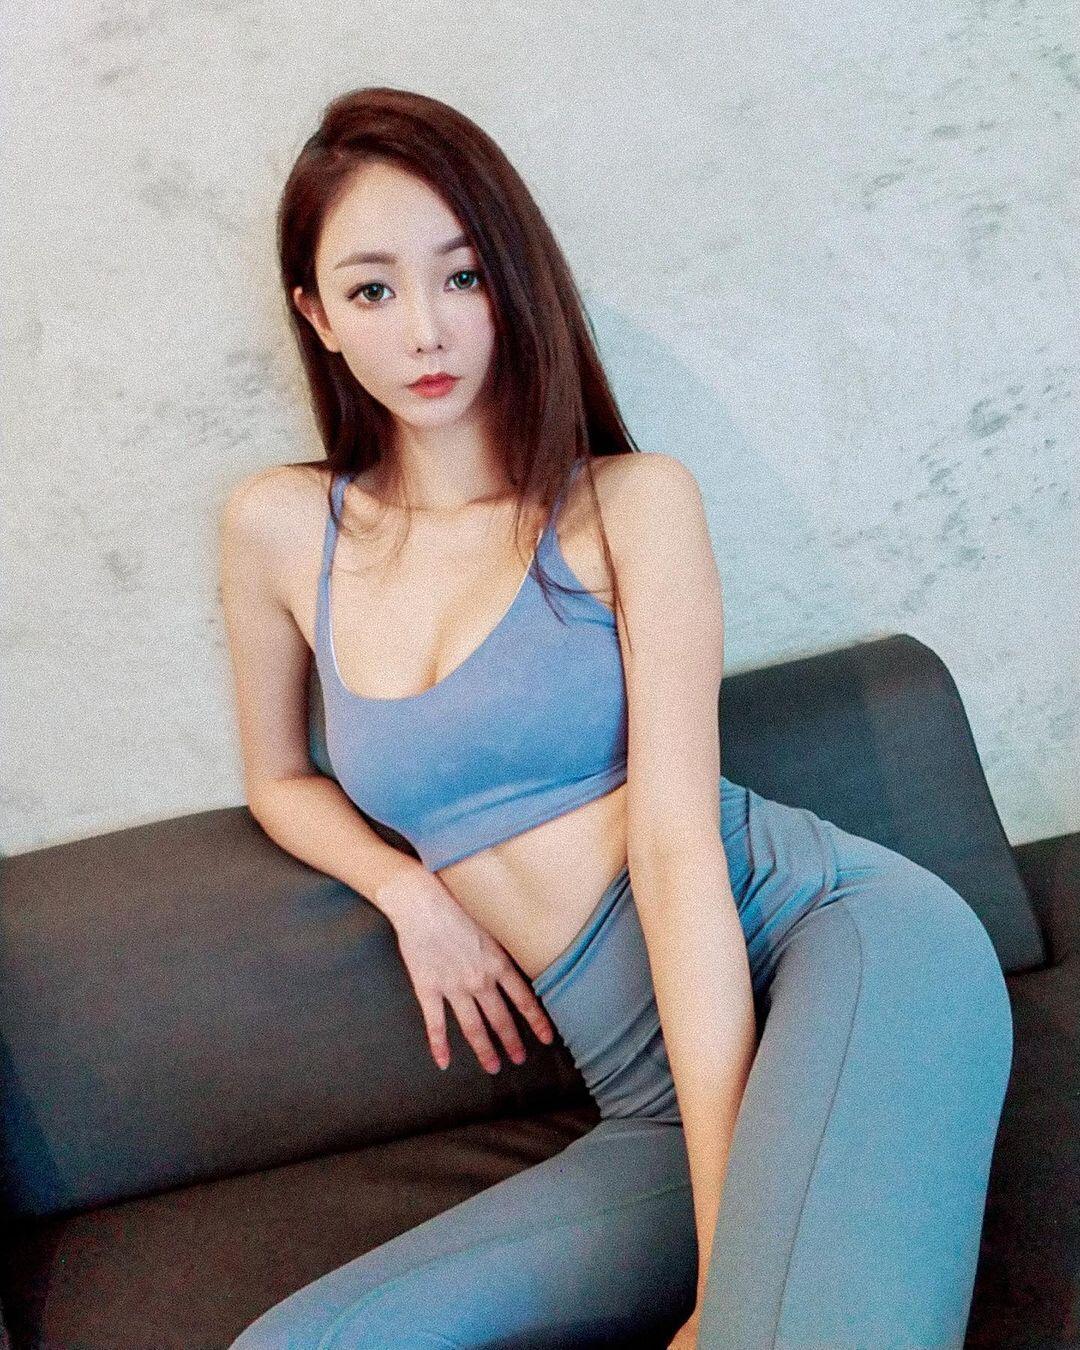 没器材也可以健身!阳光系美人「杨杨」练出一身窈窕曲线超圈粉-新图包